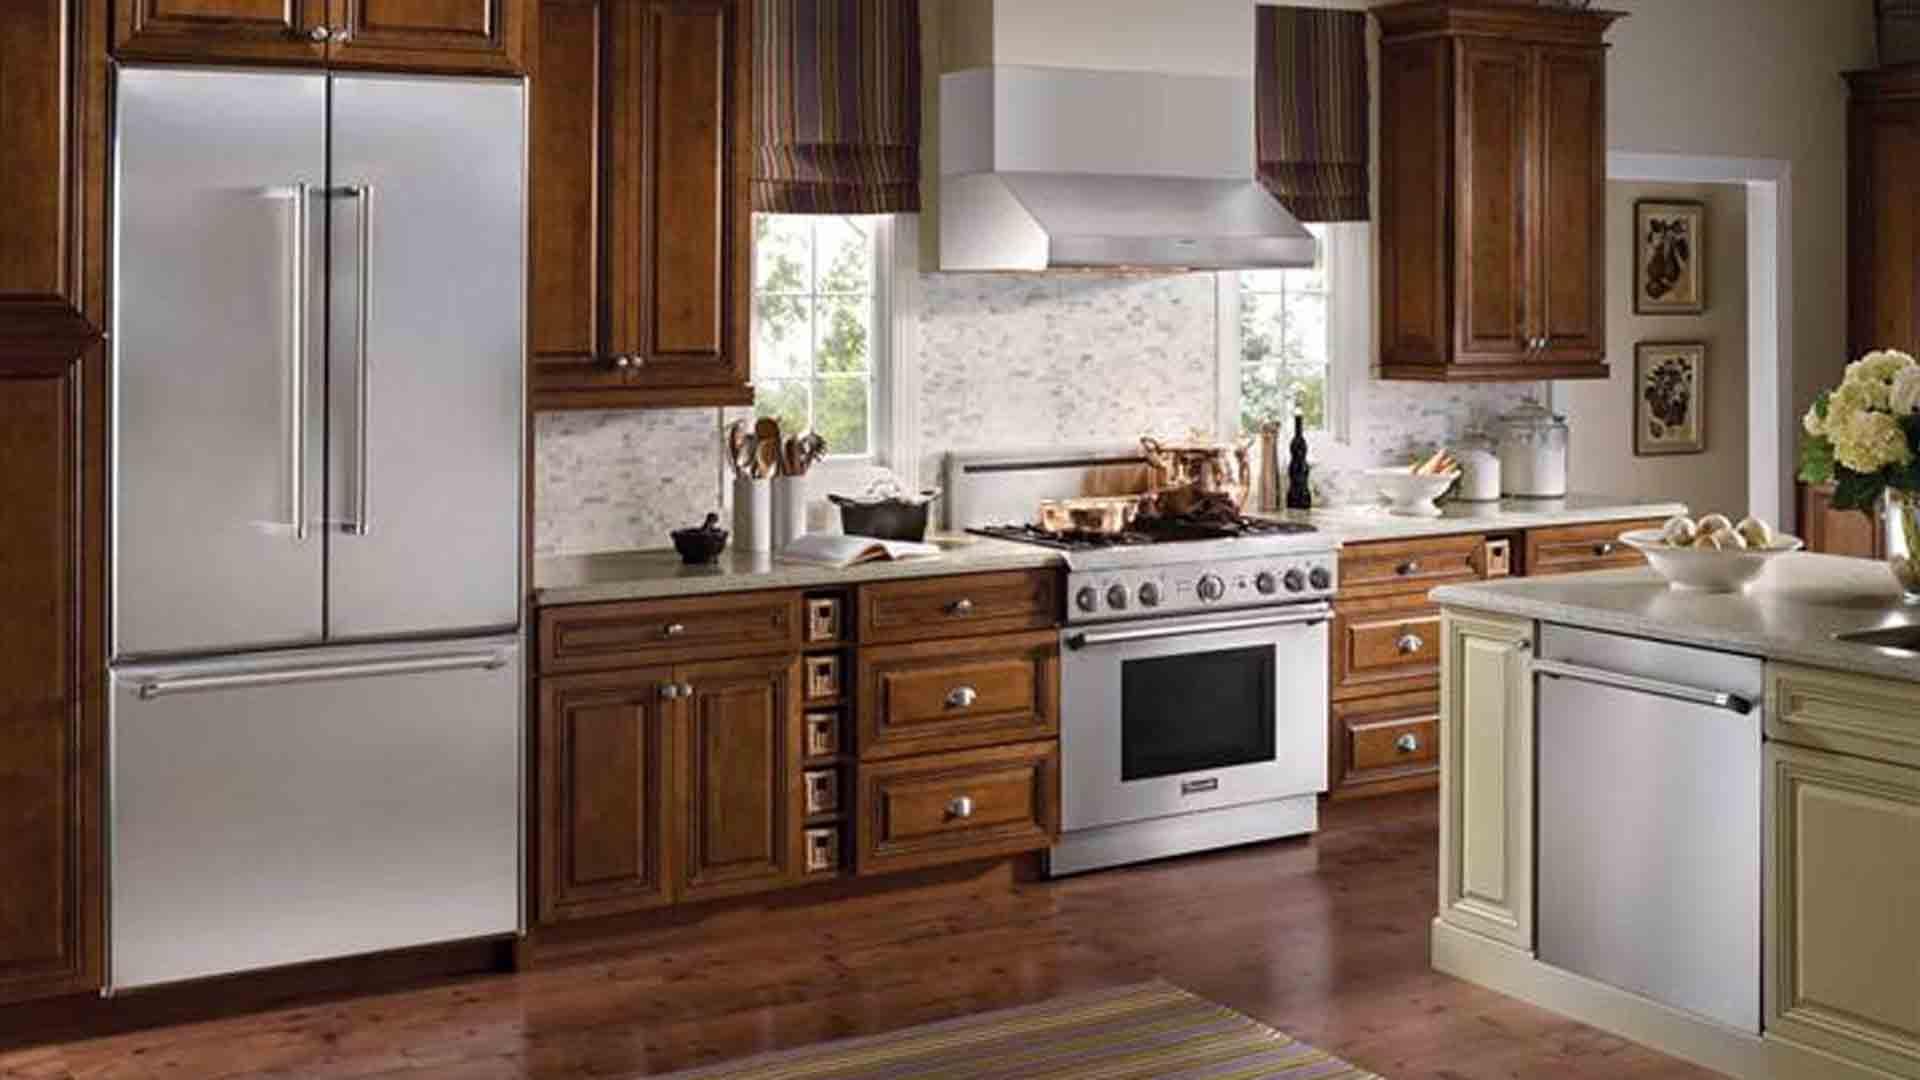 Thermador Refrigerator Repair Near Me   Thermador Appliance Repair Pros